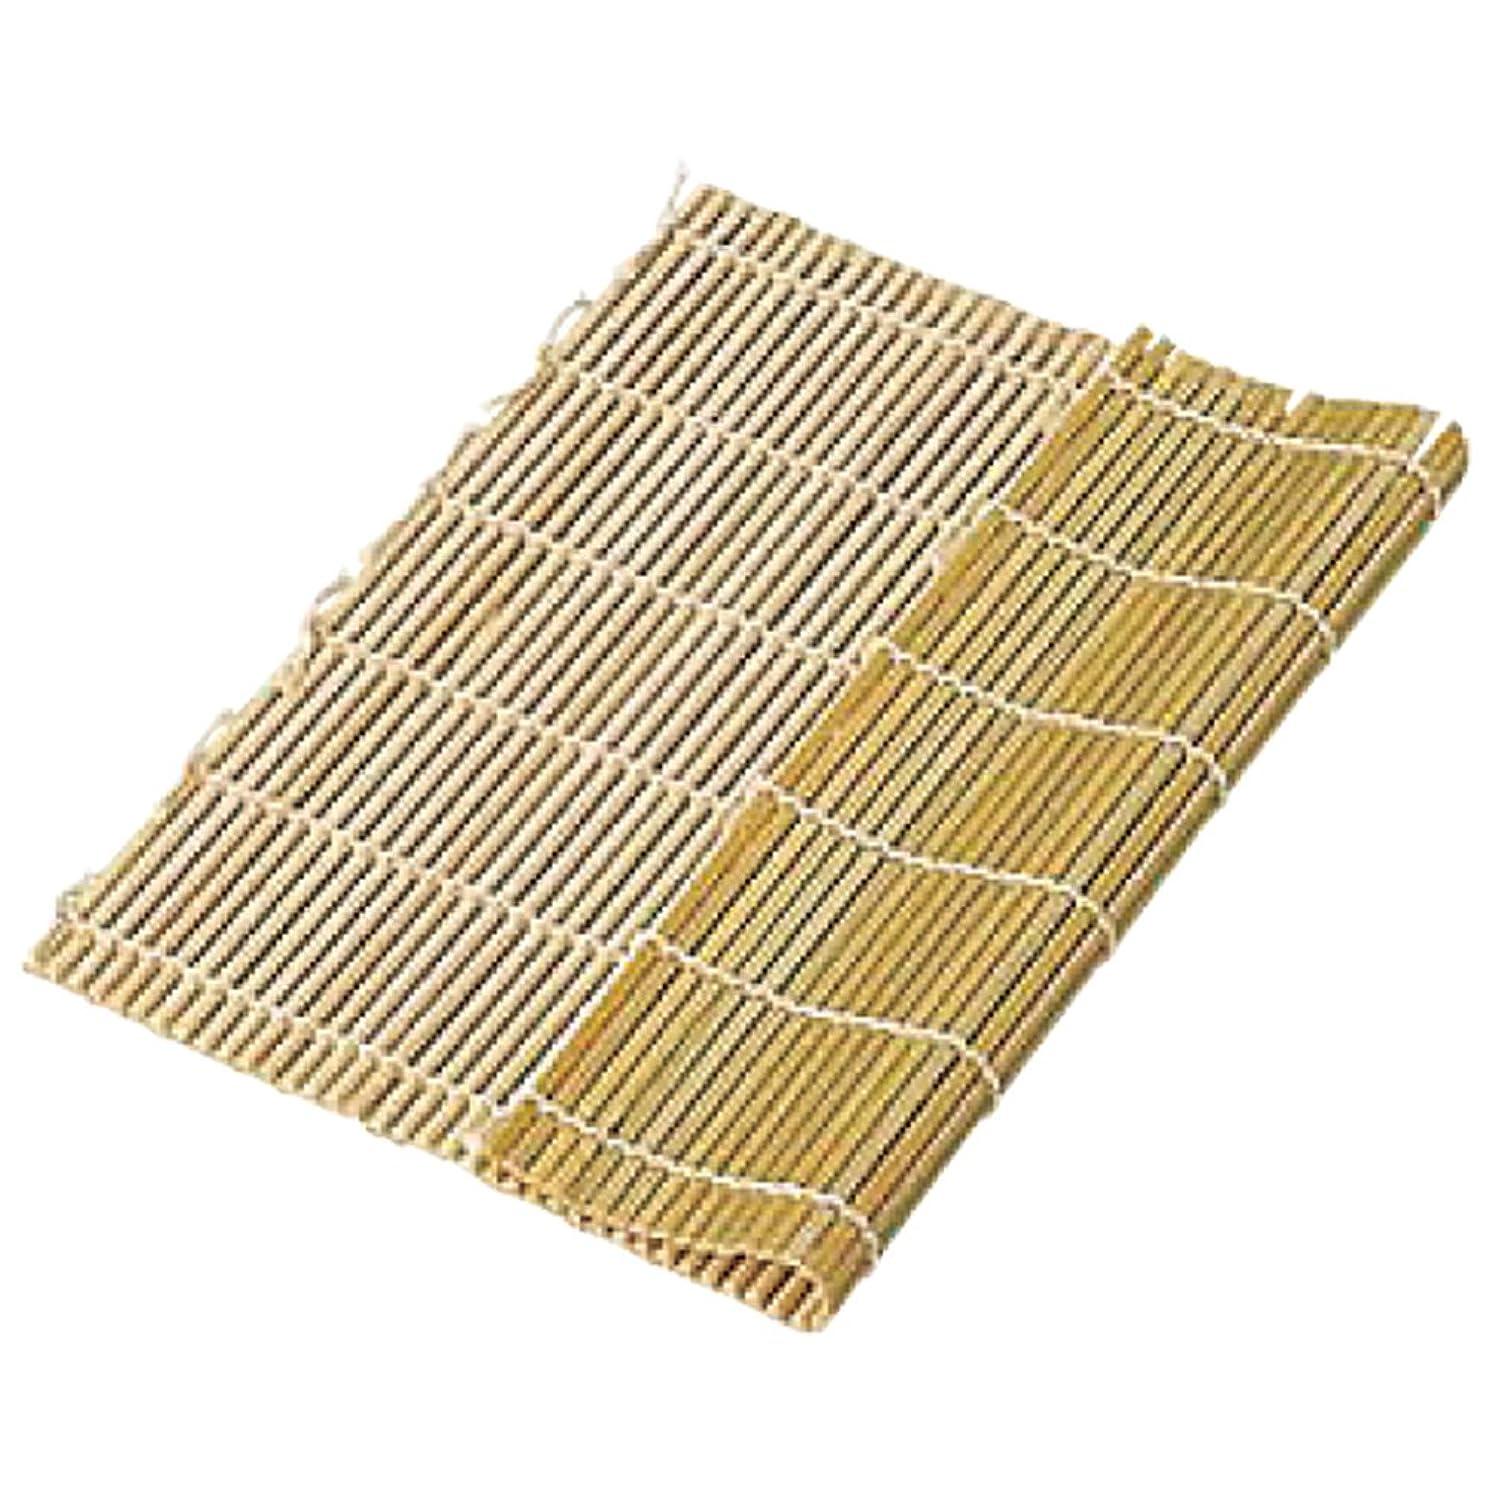 避難推定動脈山下工芸 竹製巻ス 24cm角 120057063